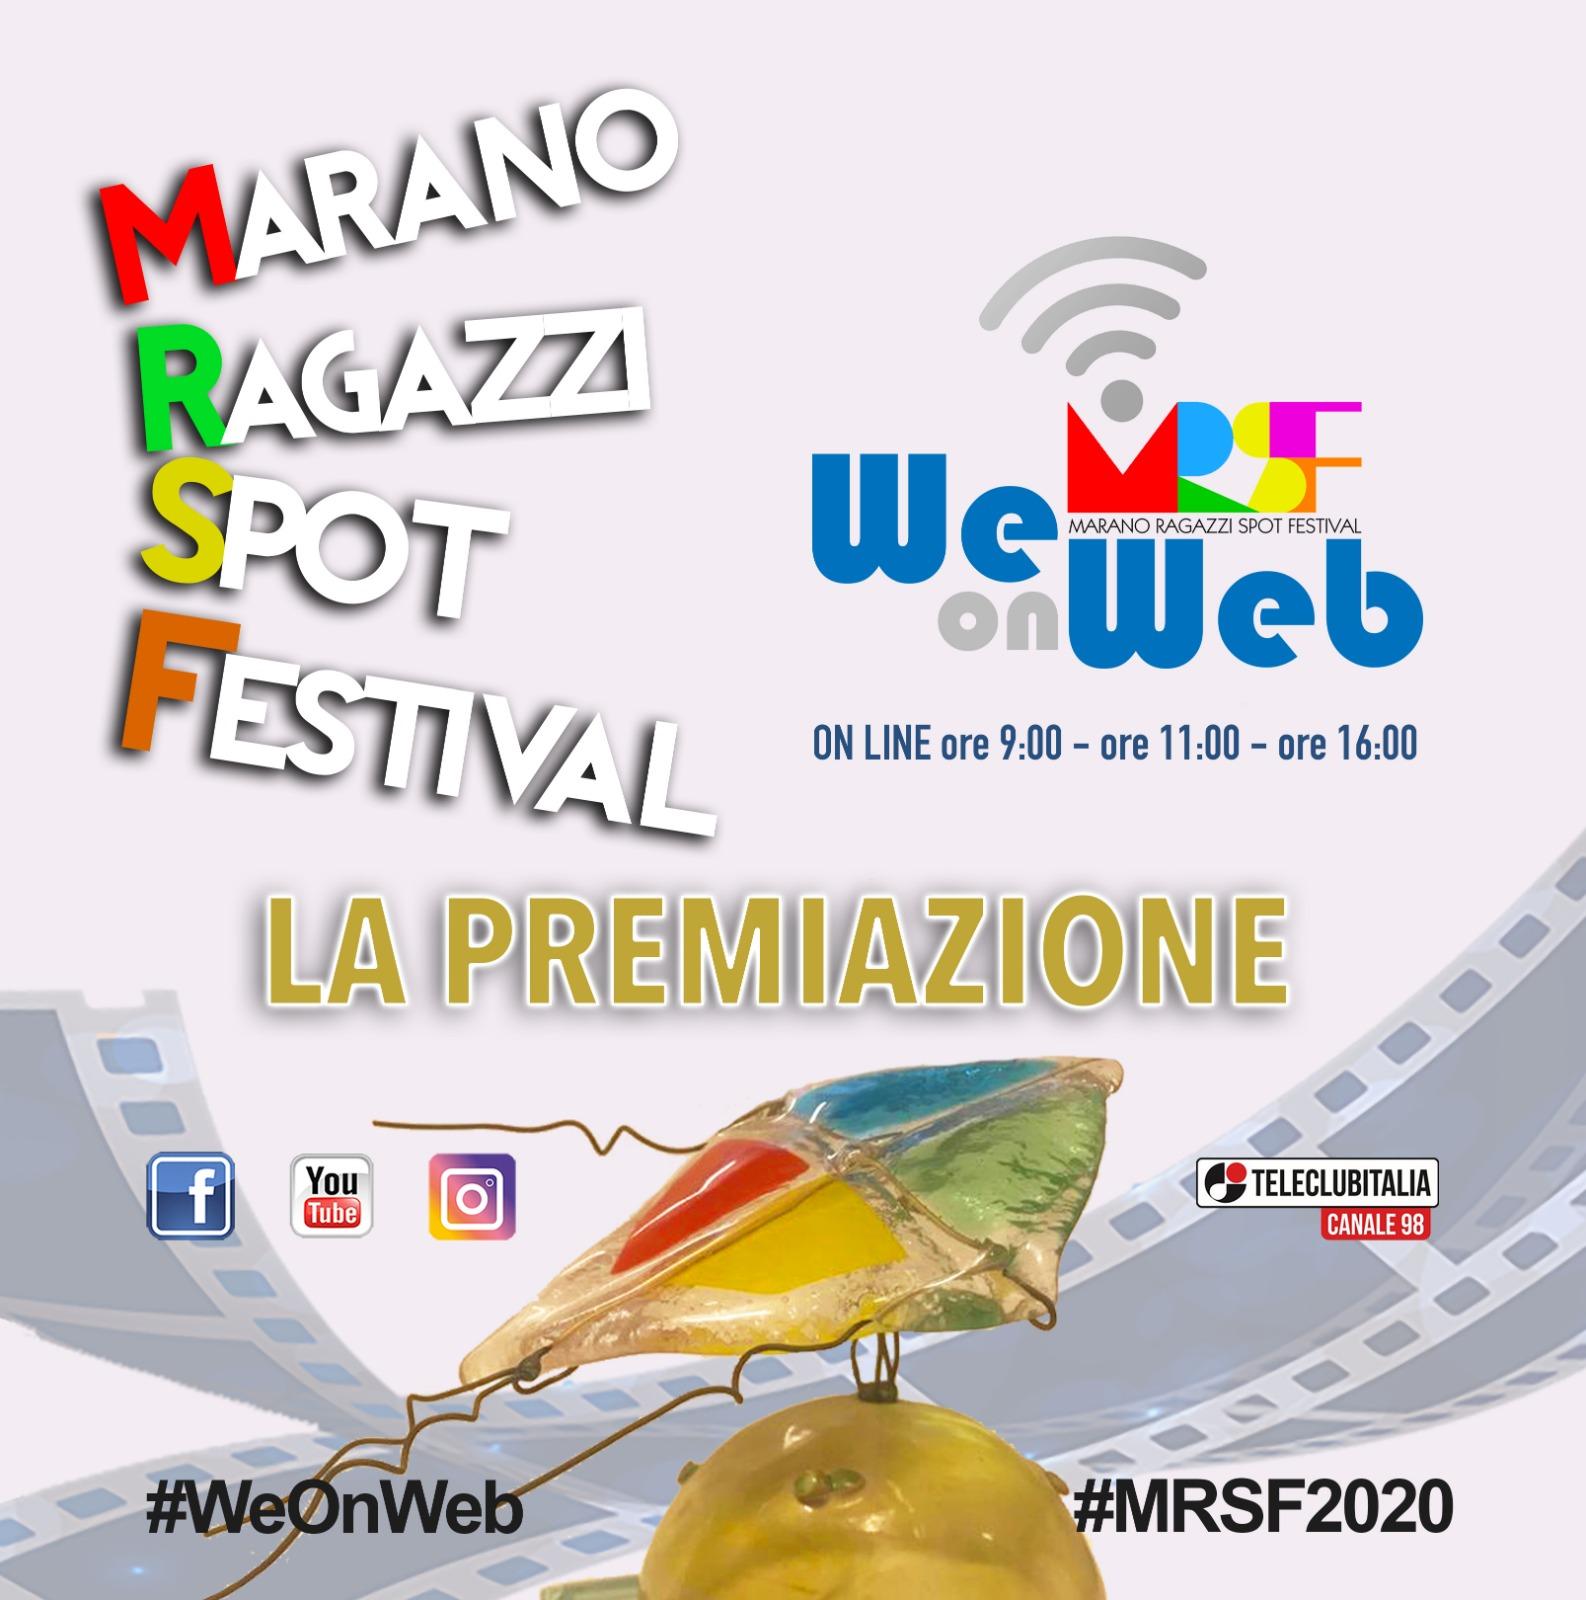 Premiazione Marano Ragazzi Spot Festival